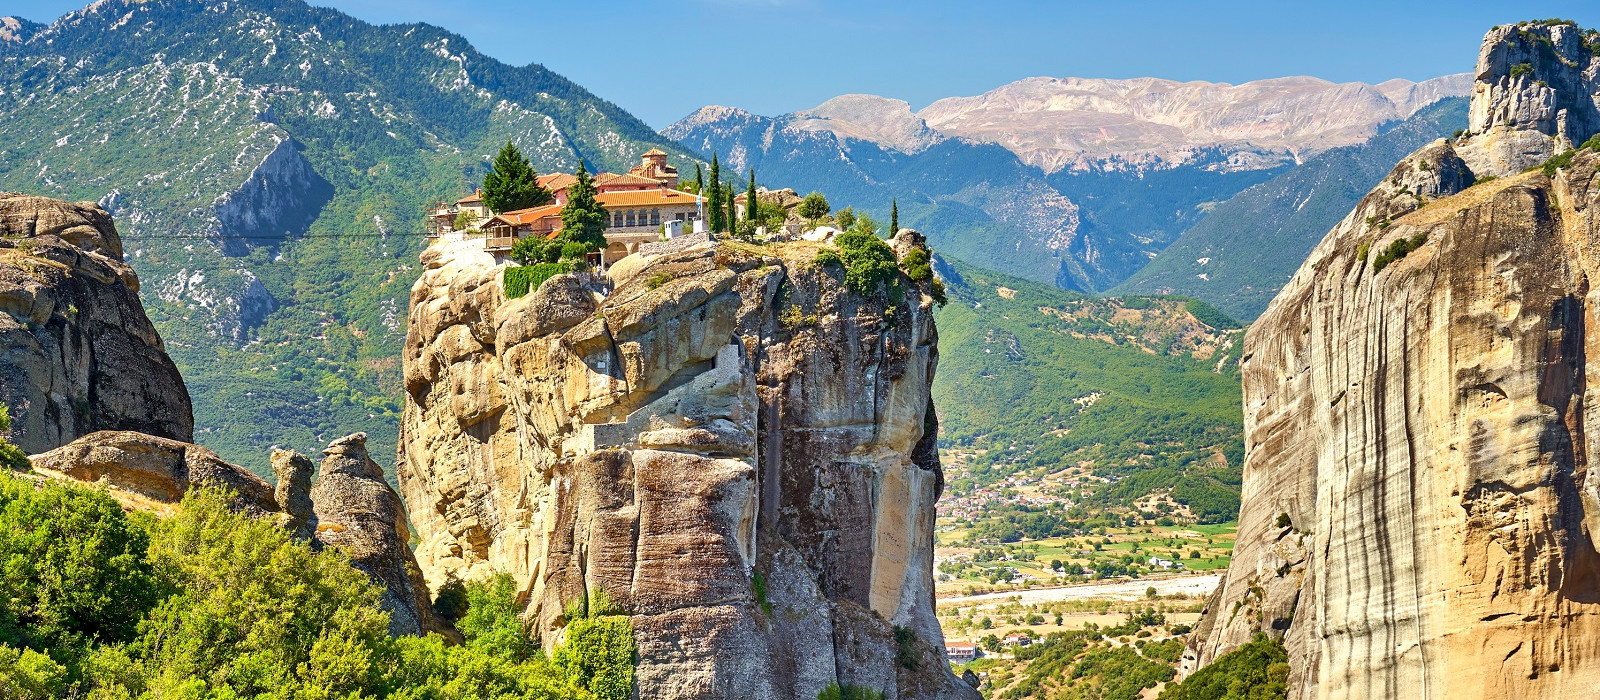 Griechenland Roadtrip – Festland und Peloponnes abseits ausgetretener Pfade Urlaub 1